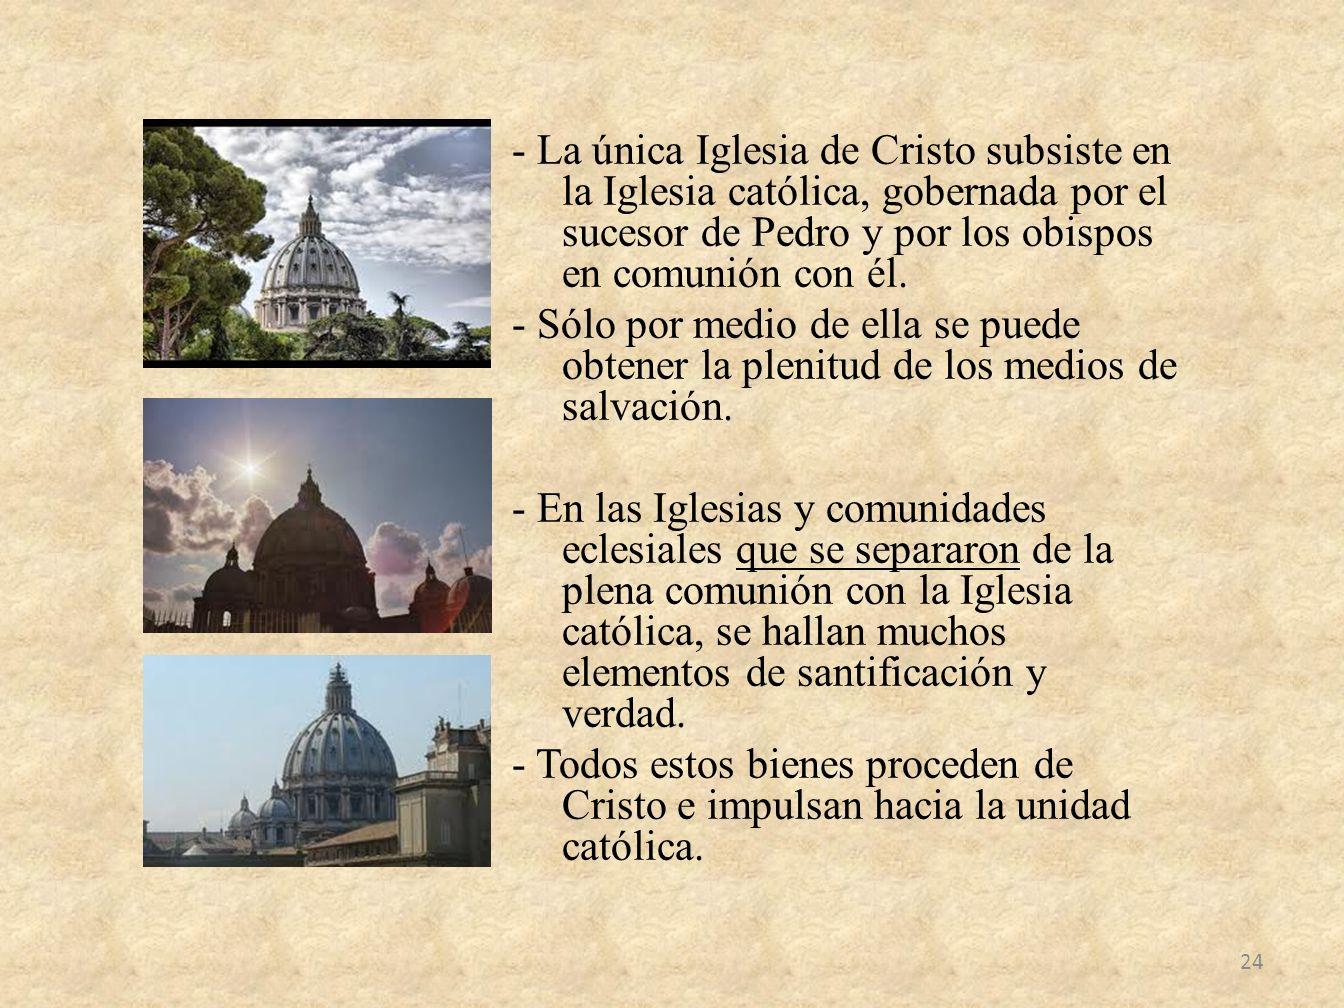 - La única Iglesia de Cristo subsiste en la Iglesia católica, gobernada por el sucesor de Pedro y por los obispos en comunión con él.